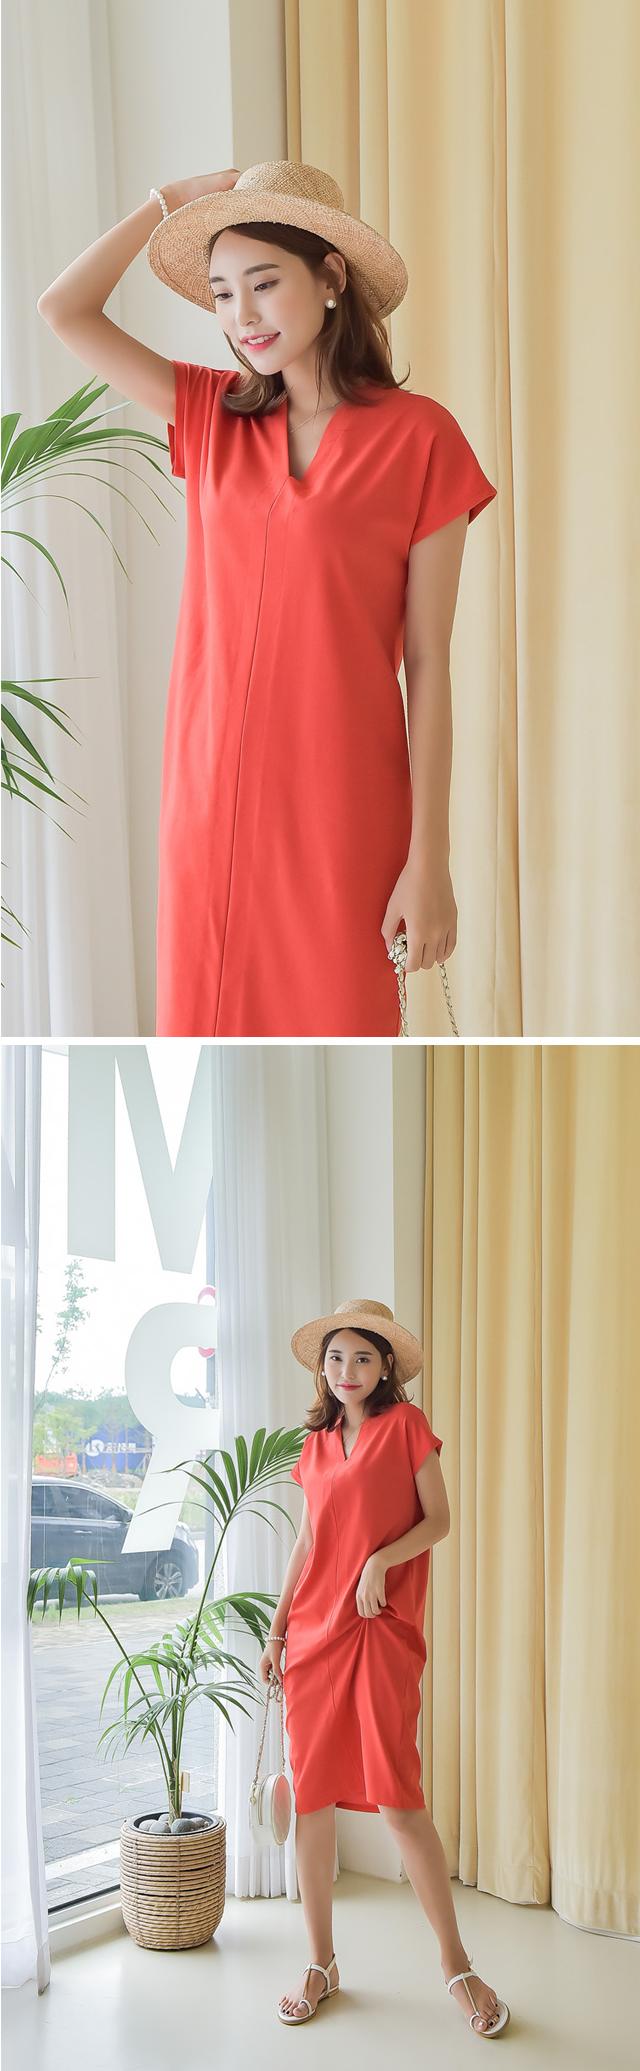 女神渡假風休閒洋裝